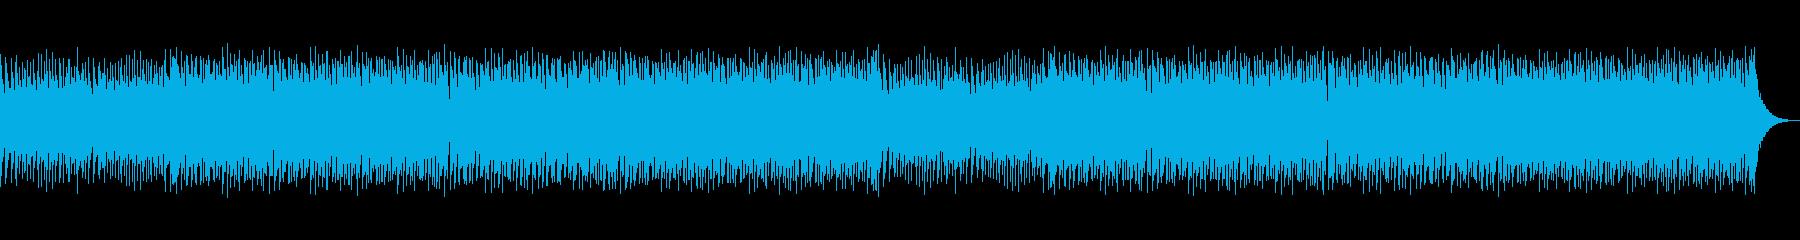 オープニング・CM・ファンキー・ハウスの再生済みの波形